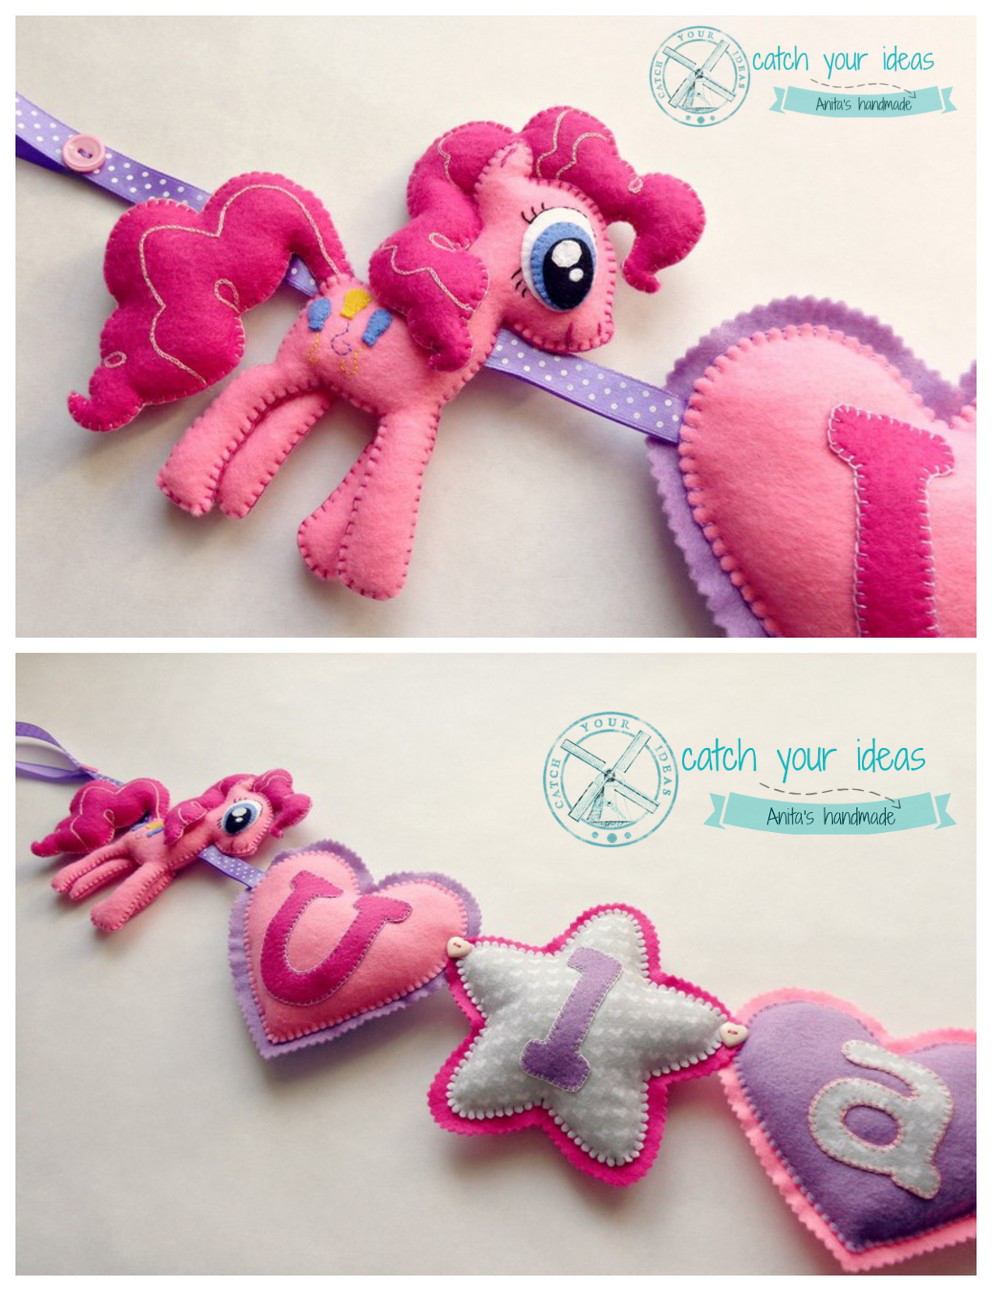 girlanda z filcu, kucyk Pinky Pie z filcu, My Little Pony Pinky Pie felt